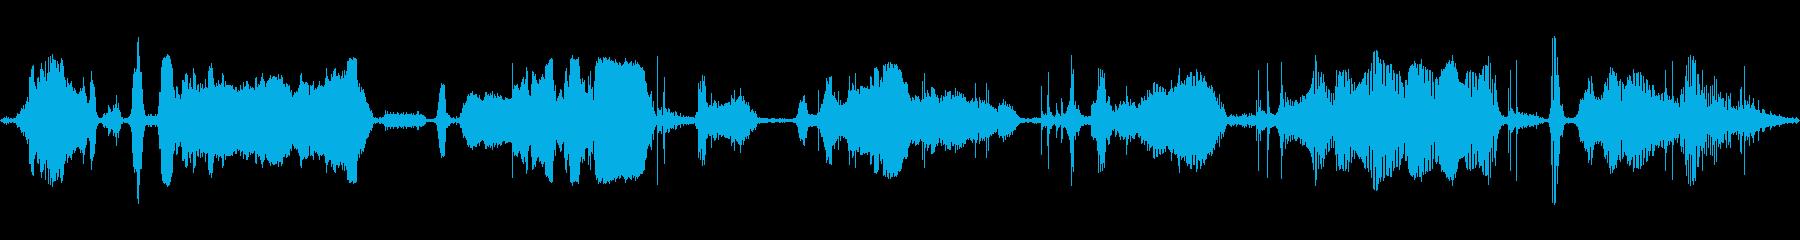 ハイエナ死ぬあえぎと呼吸の再生済みの波形